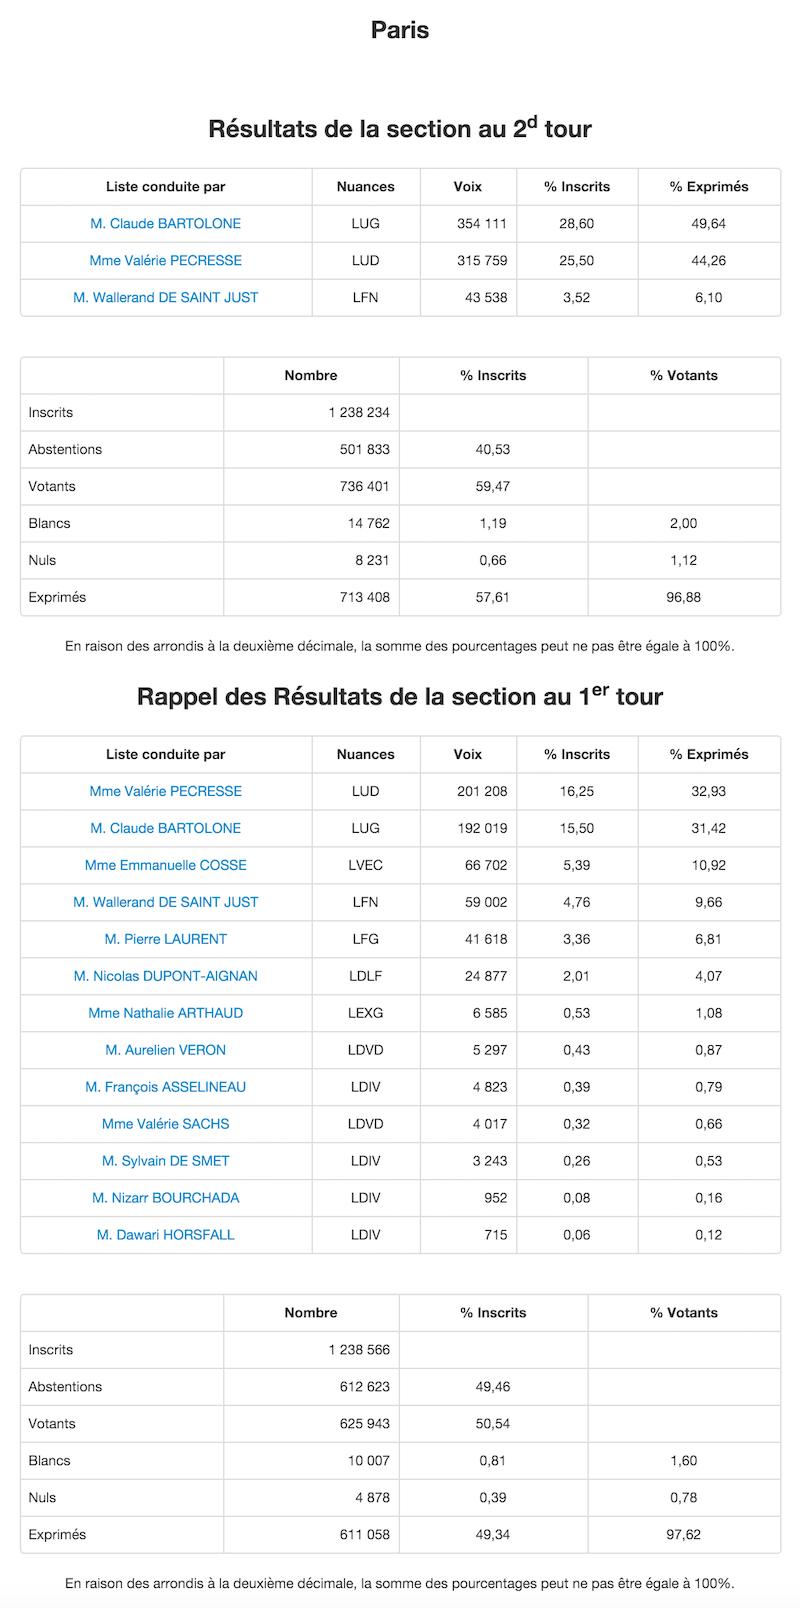 Régionales 2015 - 2nd et 1er tour à Paris © Ministère de l'Intérieur